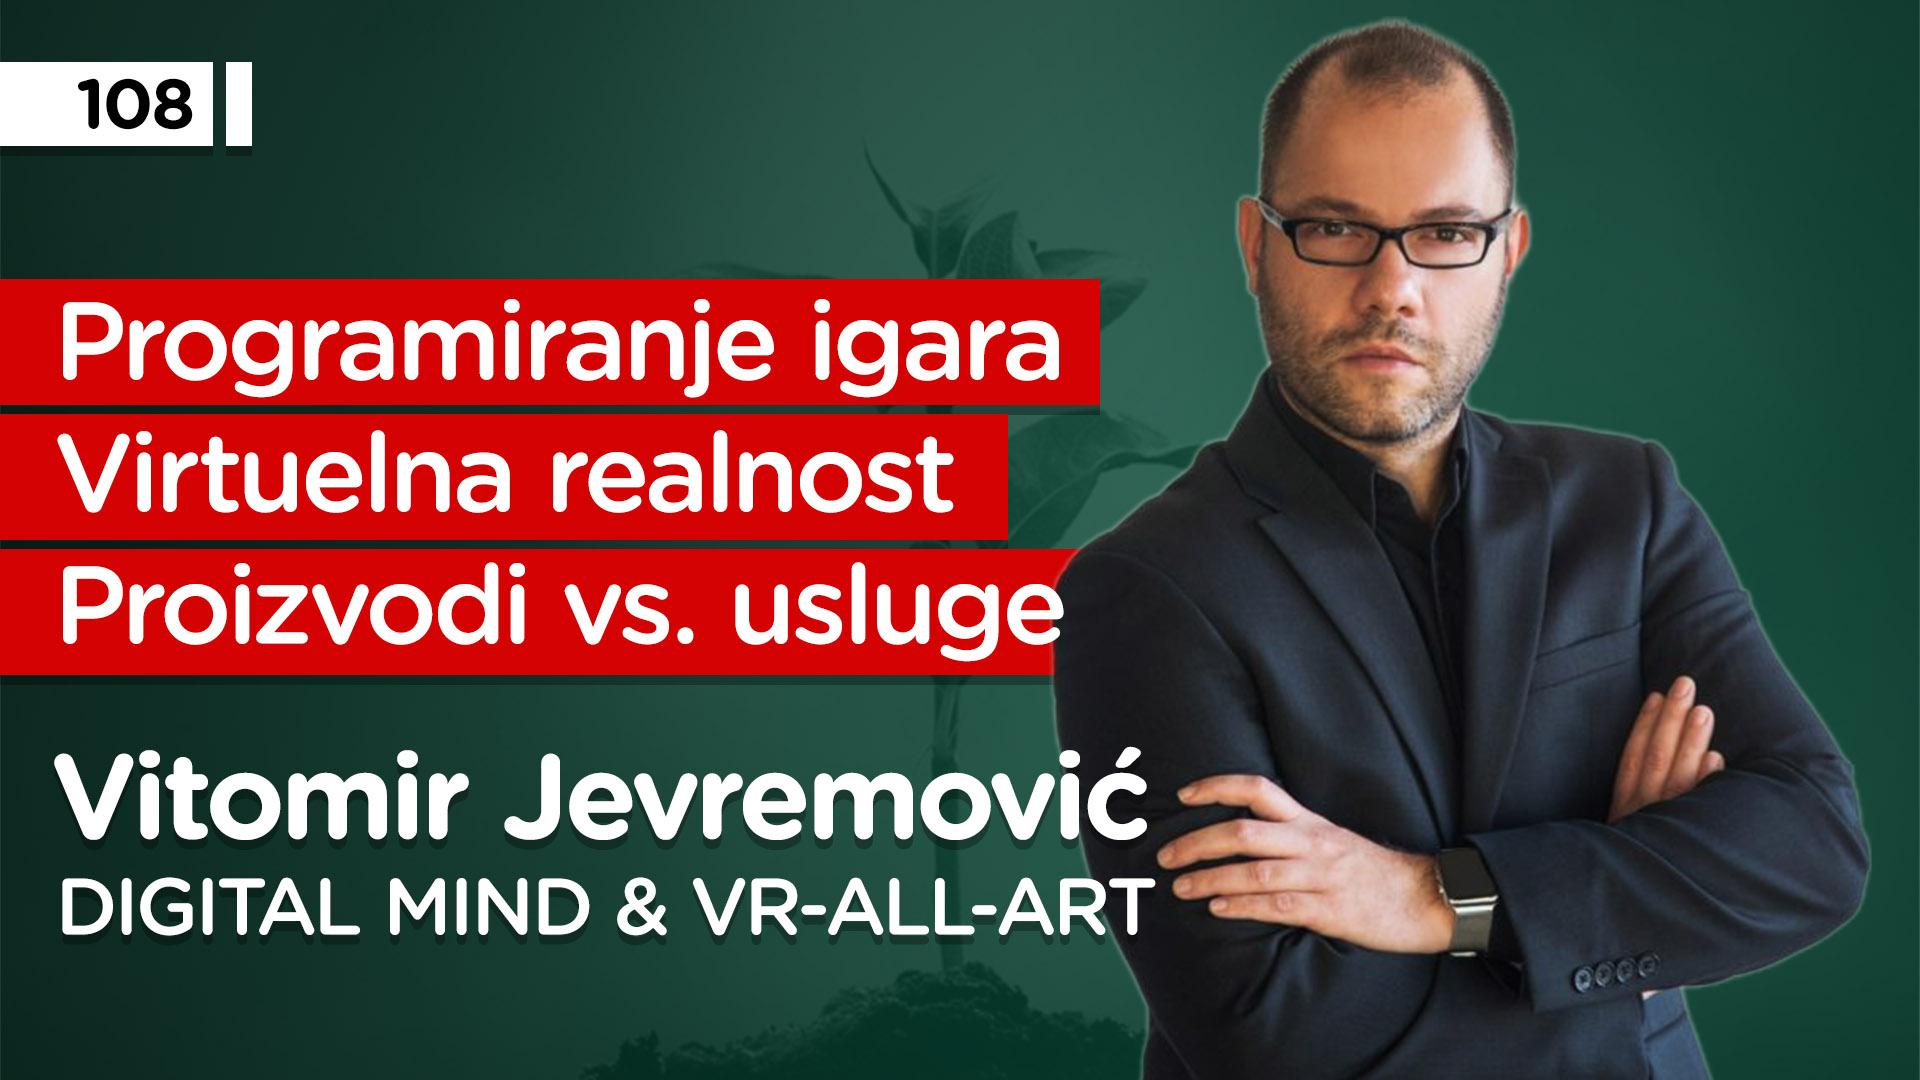 EP108: Vitomir Jevremović